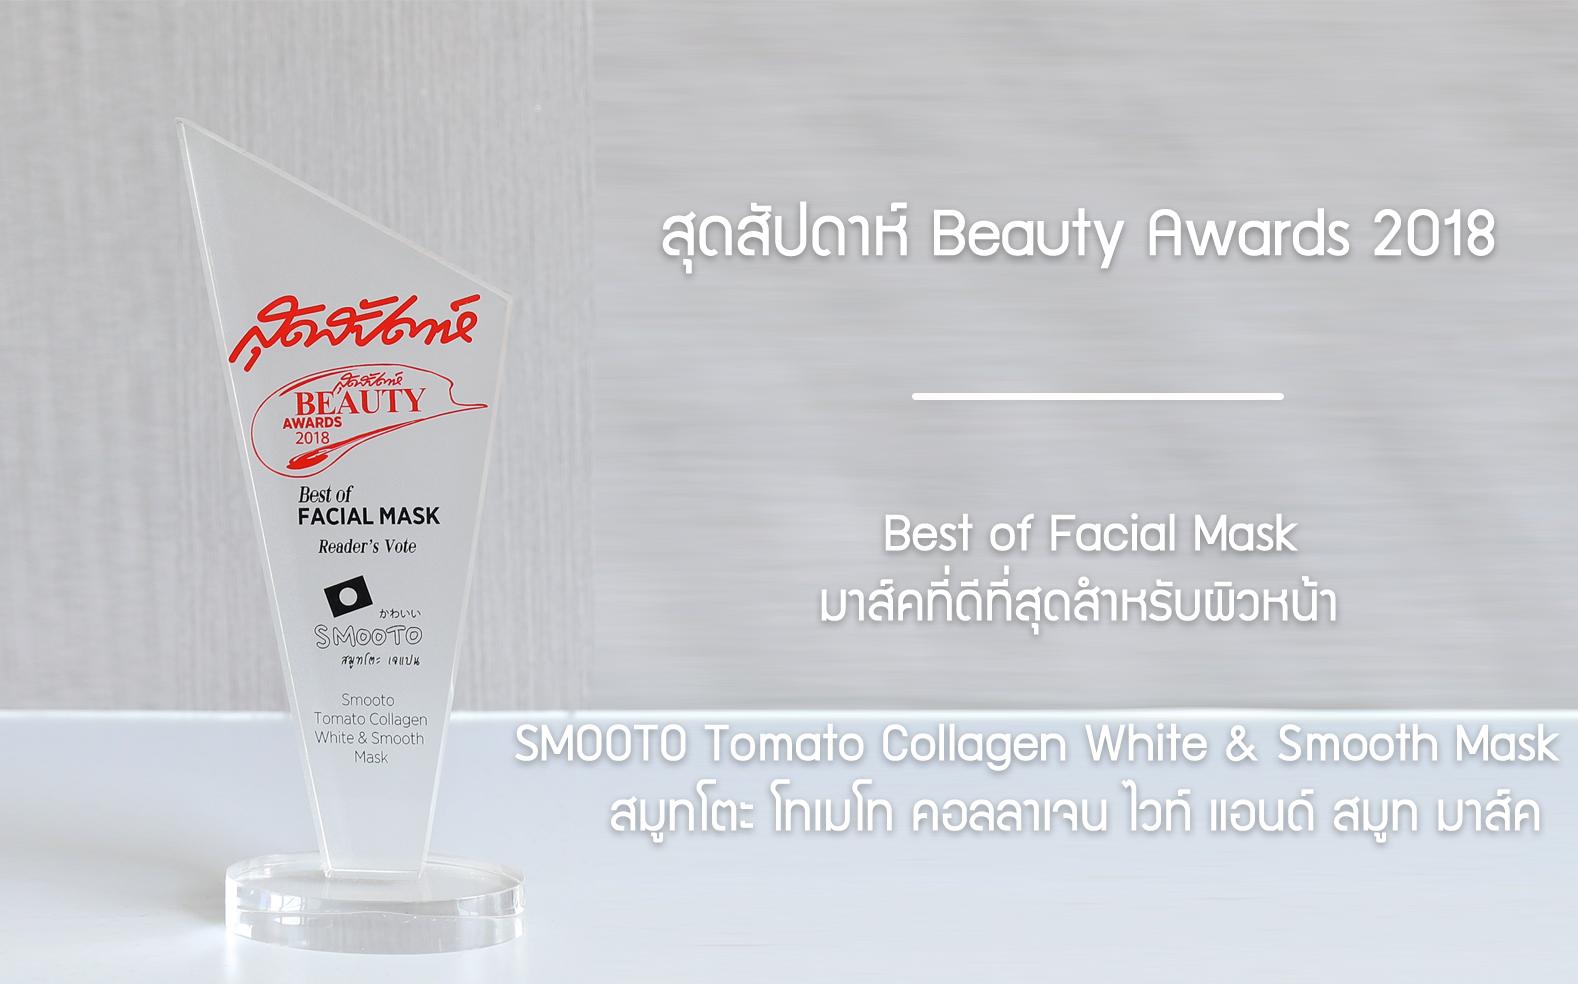 สุดสัปดาห์ Beauty Awards 2018